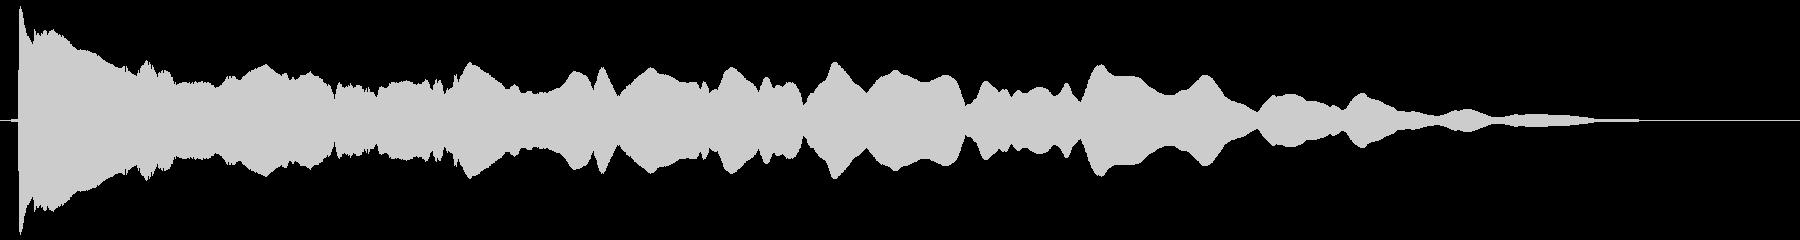 カウント ピーーー ぴー ぷー プーーーの未再生の波形